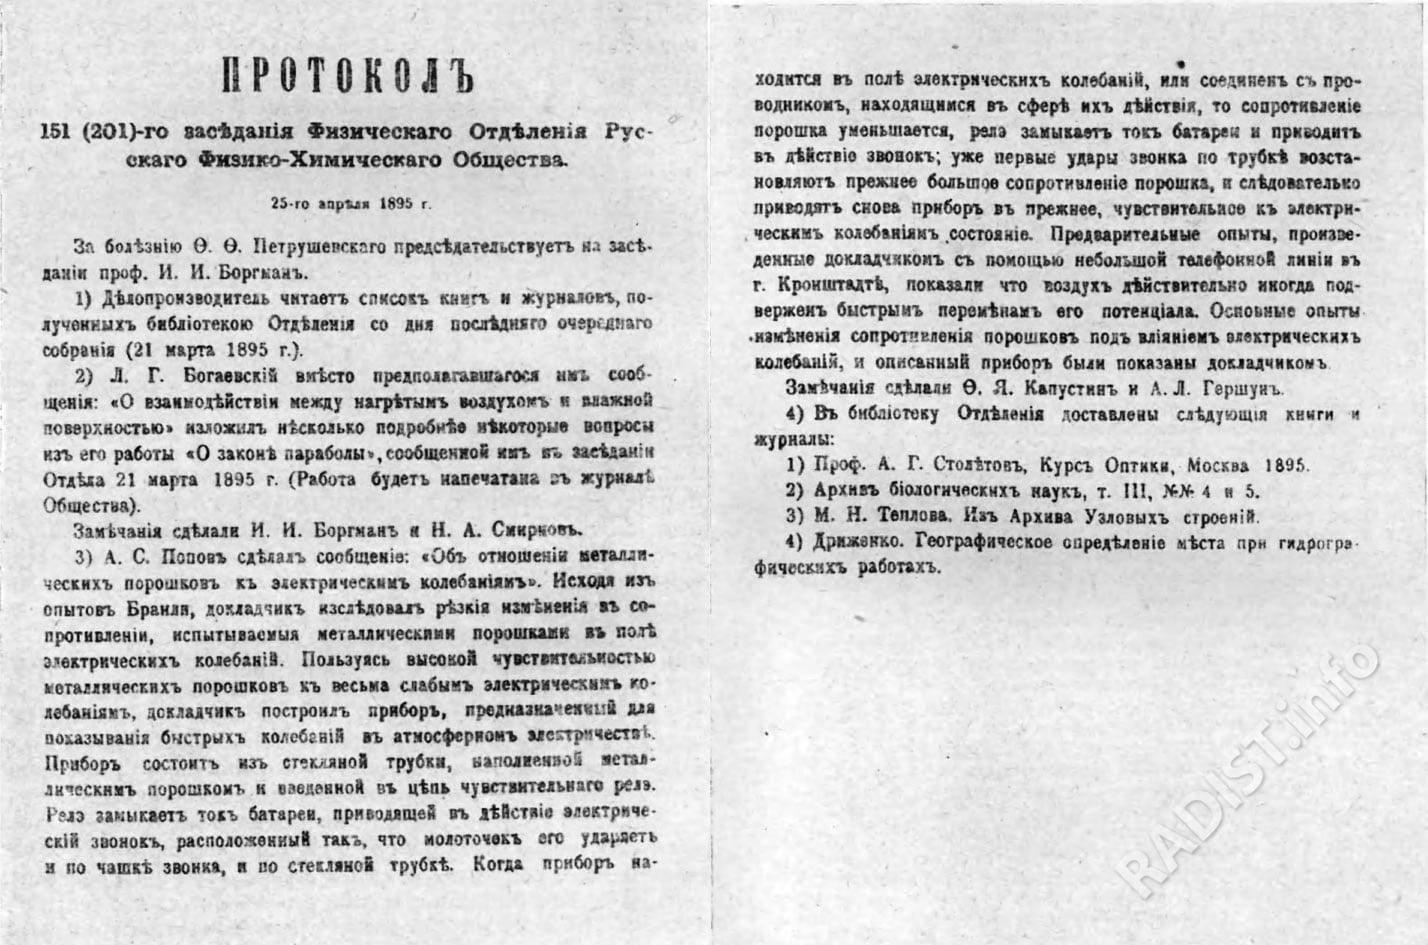 Протокол 151 (201)